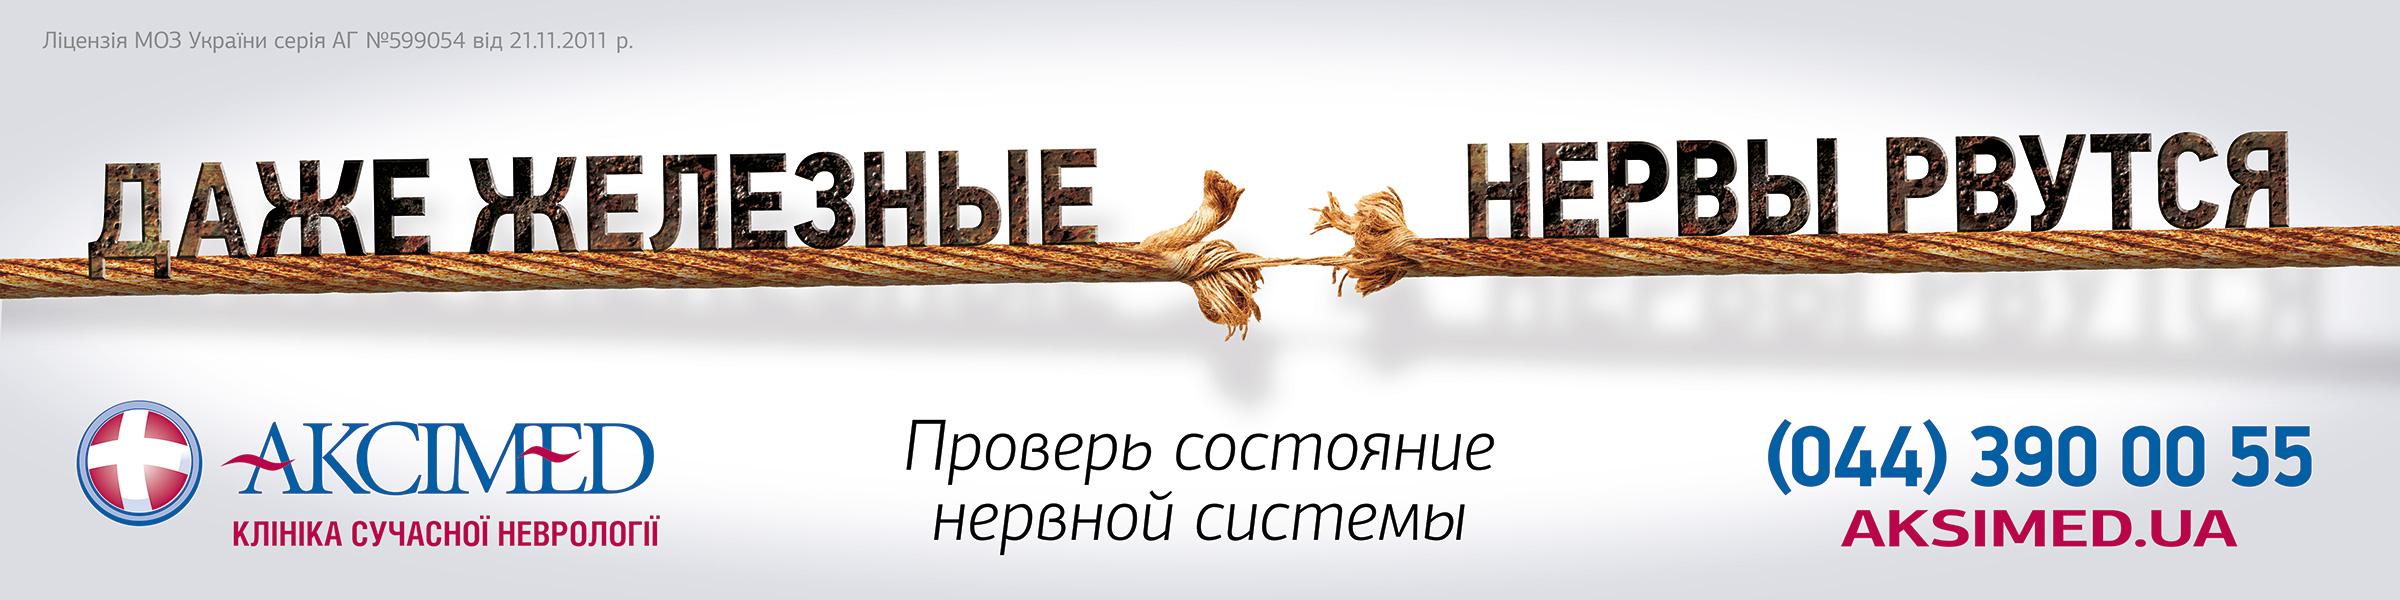 Aksimed Iron Nerves OOH 8x2 02 rope (2)